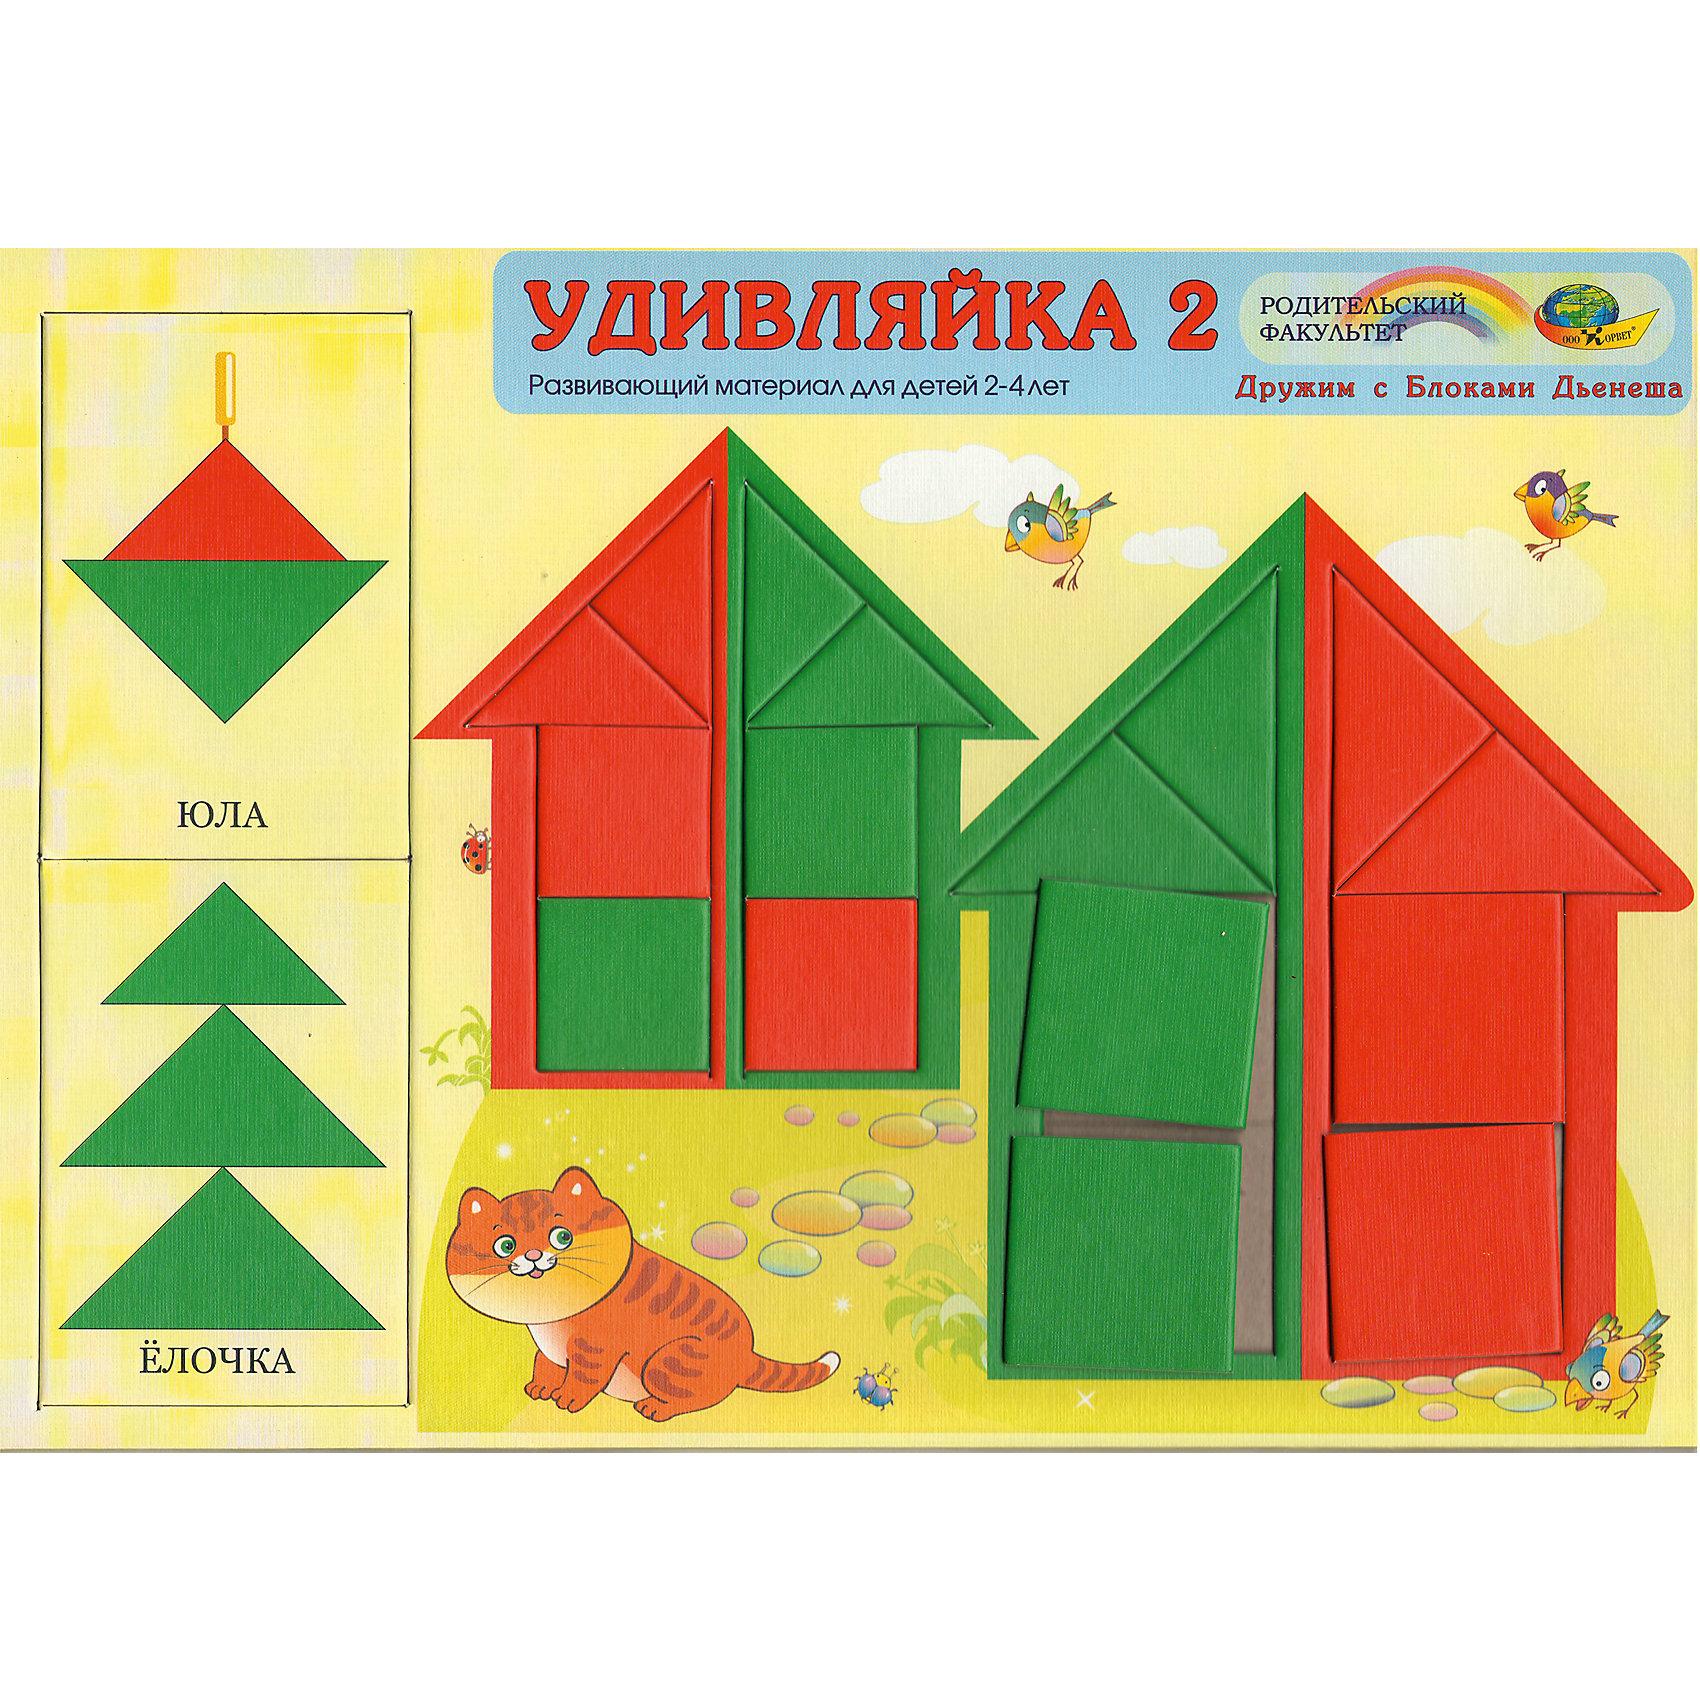 Развивающая игра Удивляйка 2. С блоками ДьенешаОбучение счету<br>Состав игры Удивляйка 2 -8 квадратов, 8 треугольников двух цветов и двух размеров. Малыши смогут научиться различать круг, треугольник, квадрат; выделять свойства (цвет и размер); сравнивать и группировать. Это первые шаги в освоении логики, опыт конструирования из геометрических фигур. Игровые упражнения Удивляек – начальная ступень к играм с логическими блоками Дьенеша.<br><br>Ширина мм: 30<br>Глубина мм: 21<br>Высота мм: 1<br>Вес г: 170<br>Возраст от месяцев: 24<br>Возраст до месяцев: 48<br>Пол: Унисекс<br>Возраст: Детский<br>SKU: 4803009